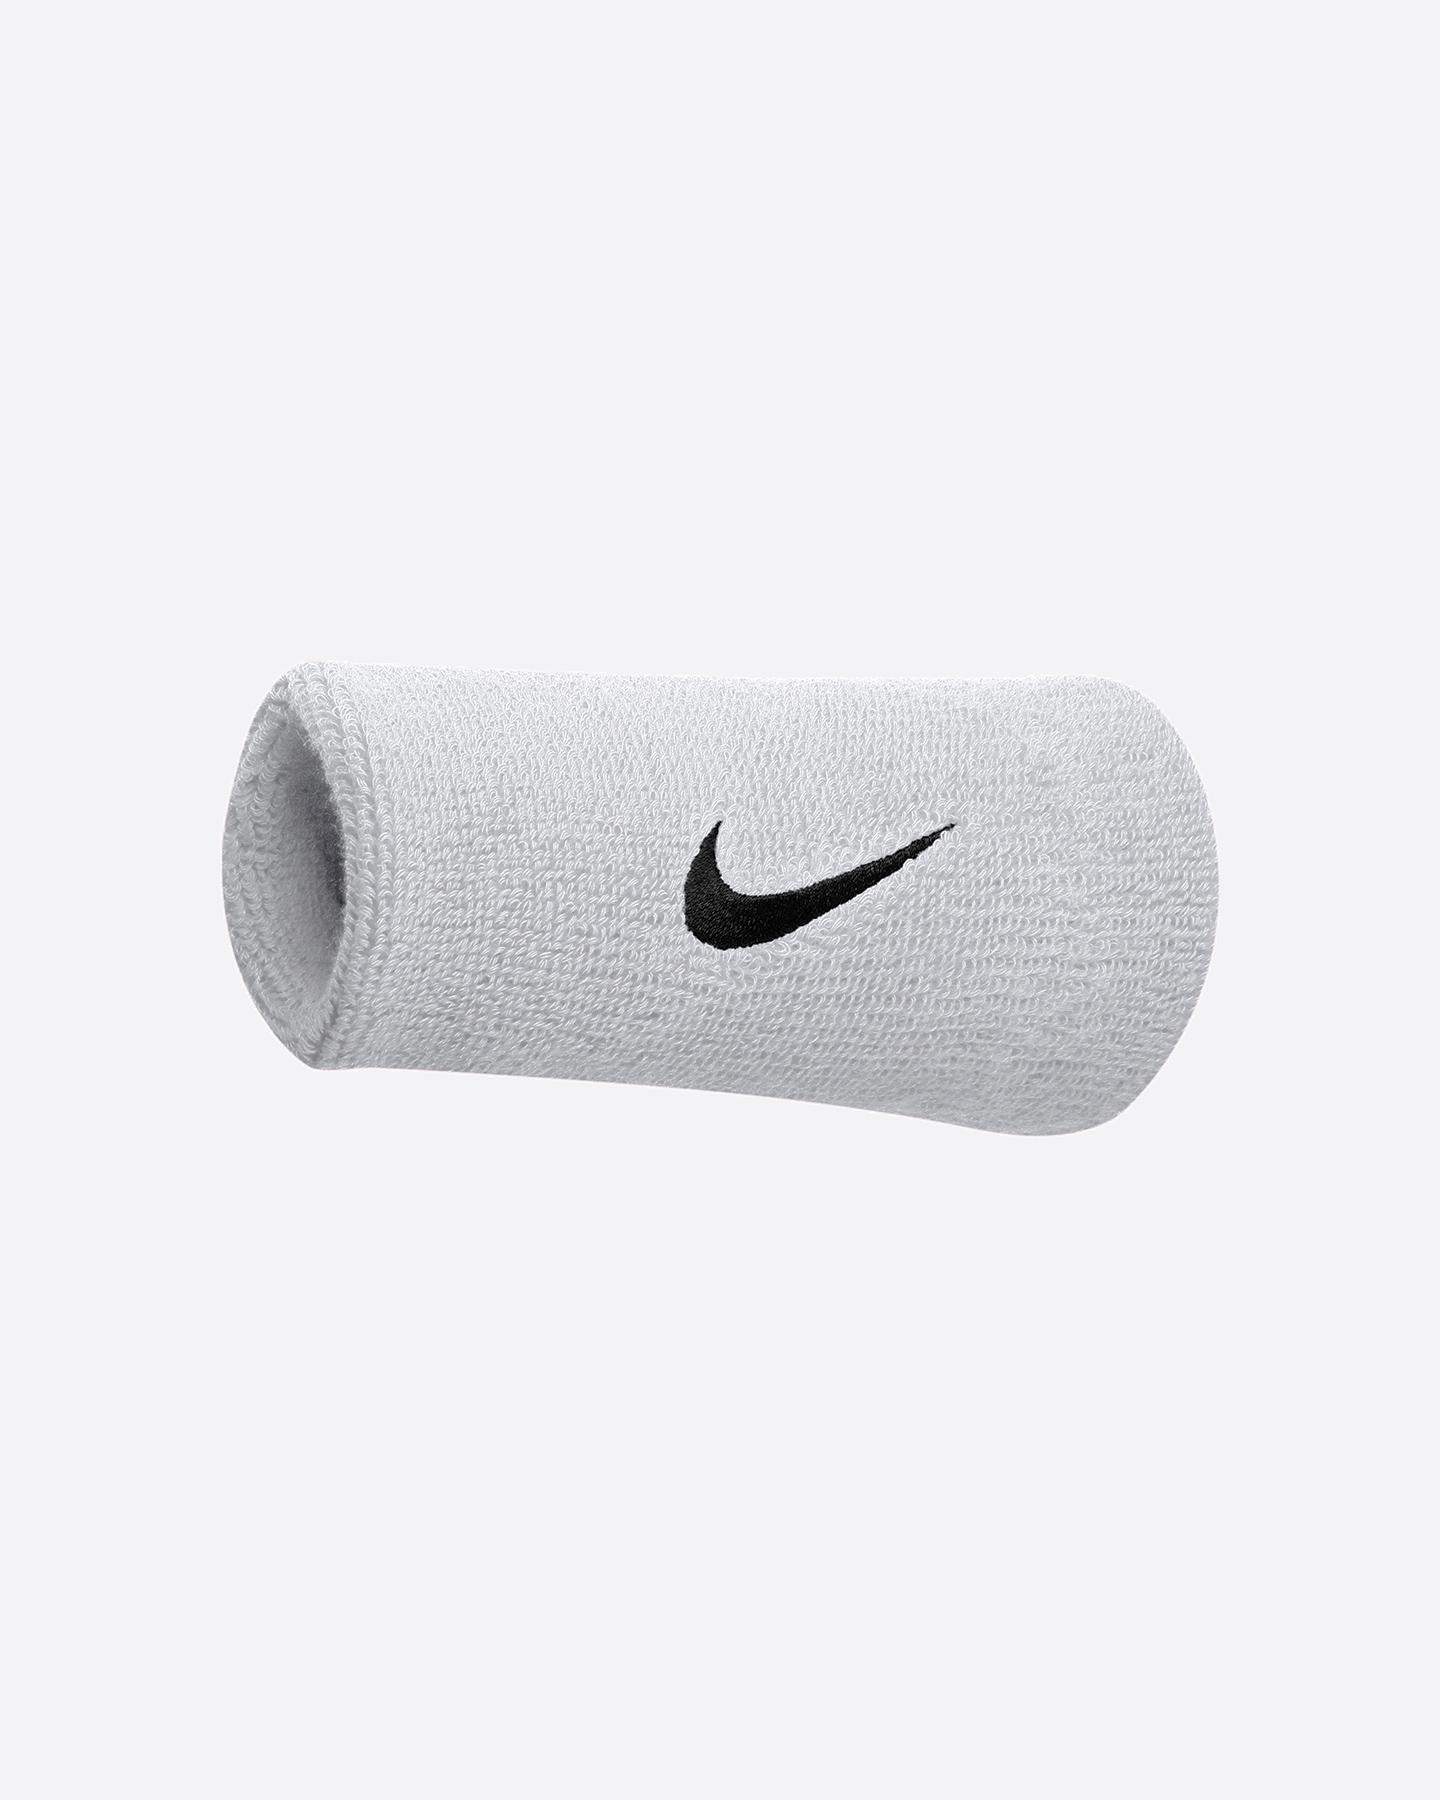 Accessorio Tennis Nike Swoosh Doublewide Wristbands N.NN